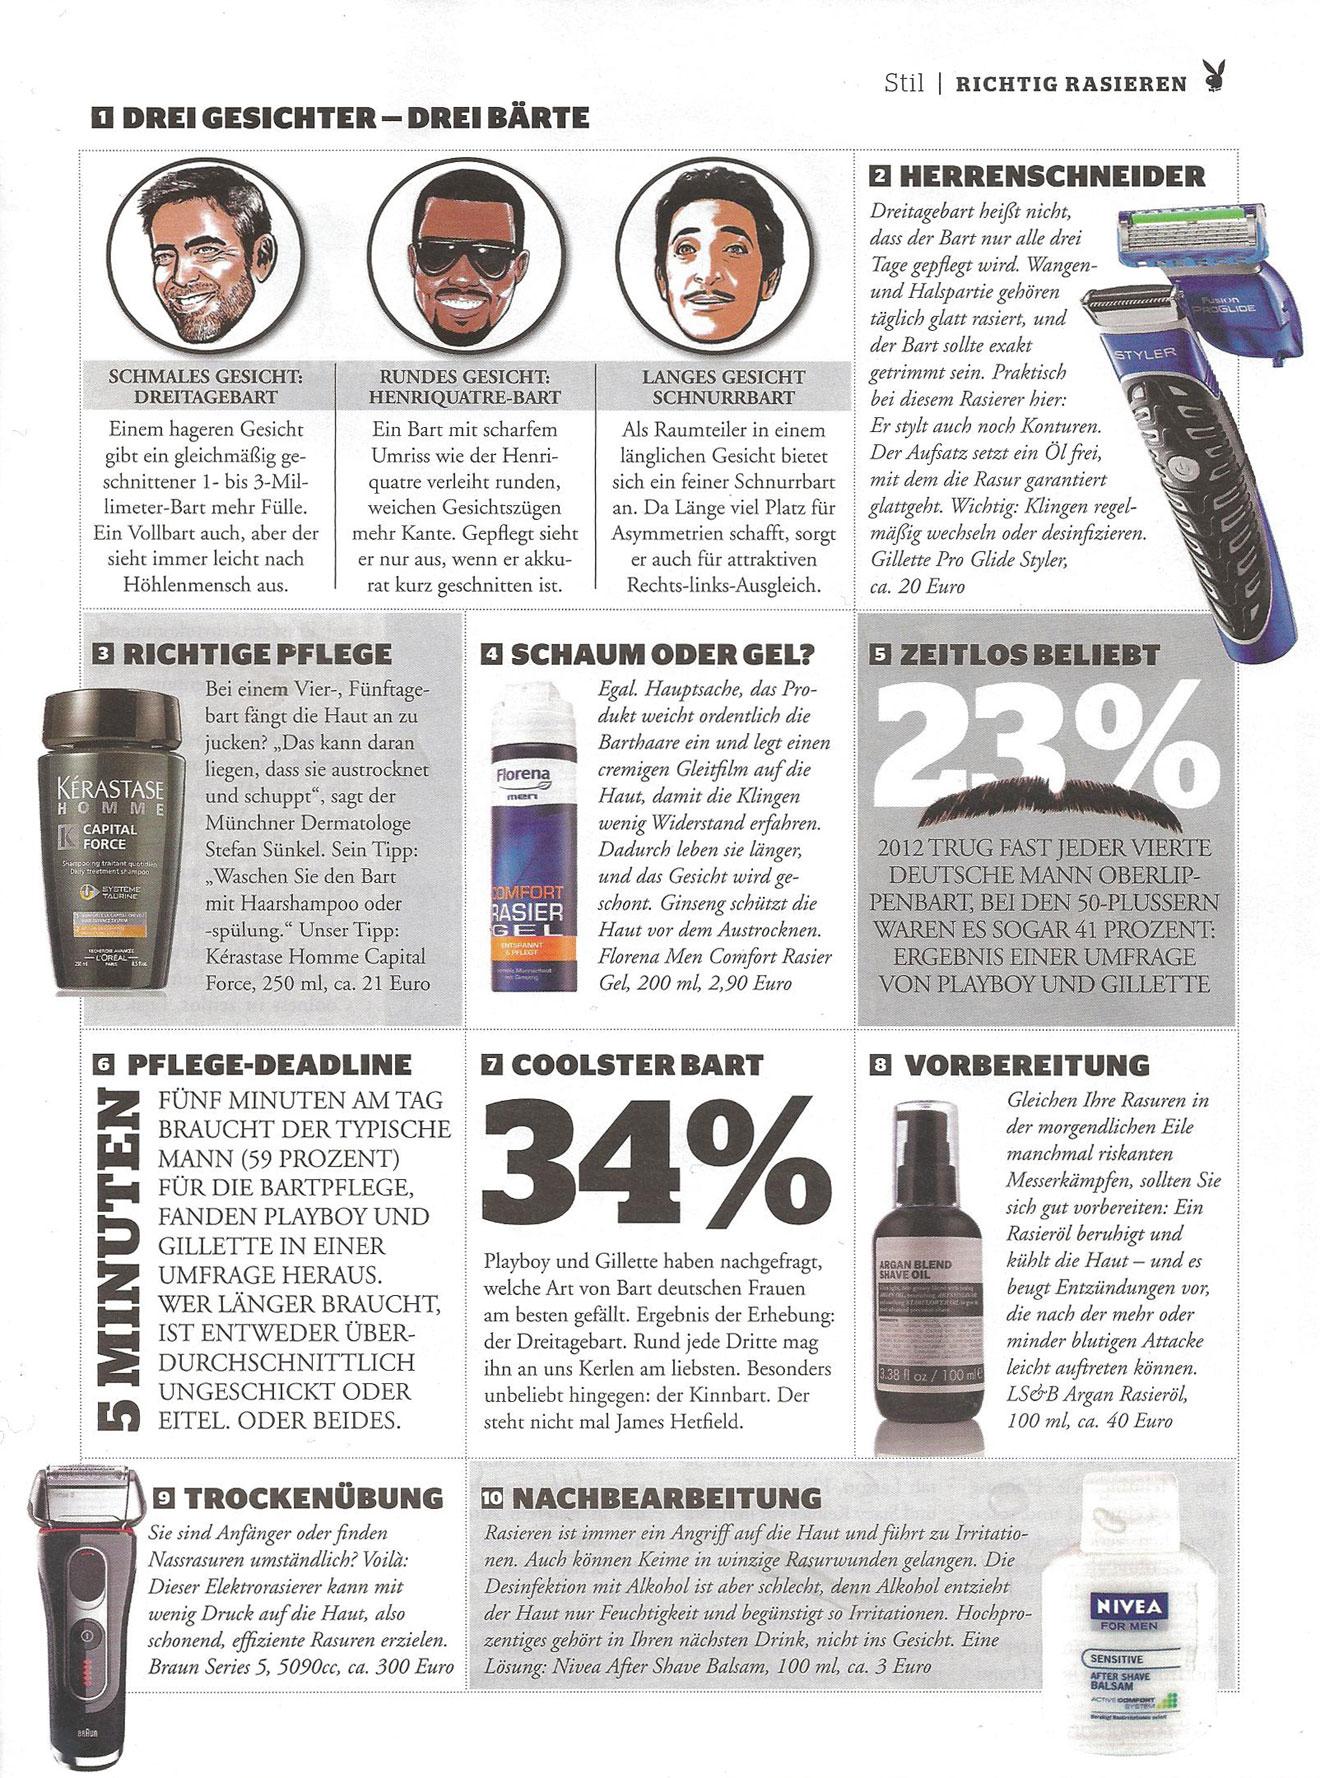 Argan Shave Oil für die Nassarsur